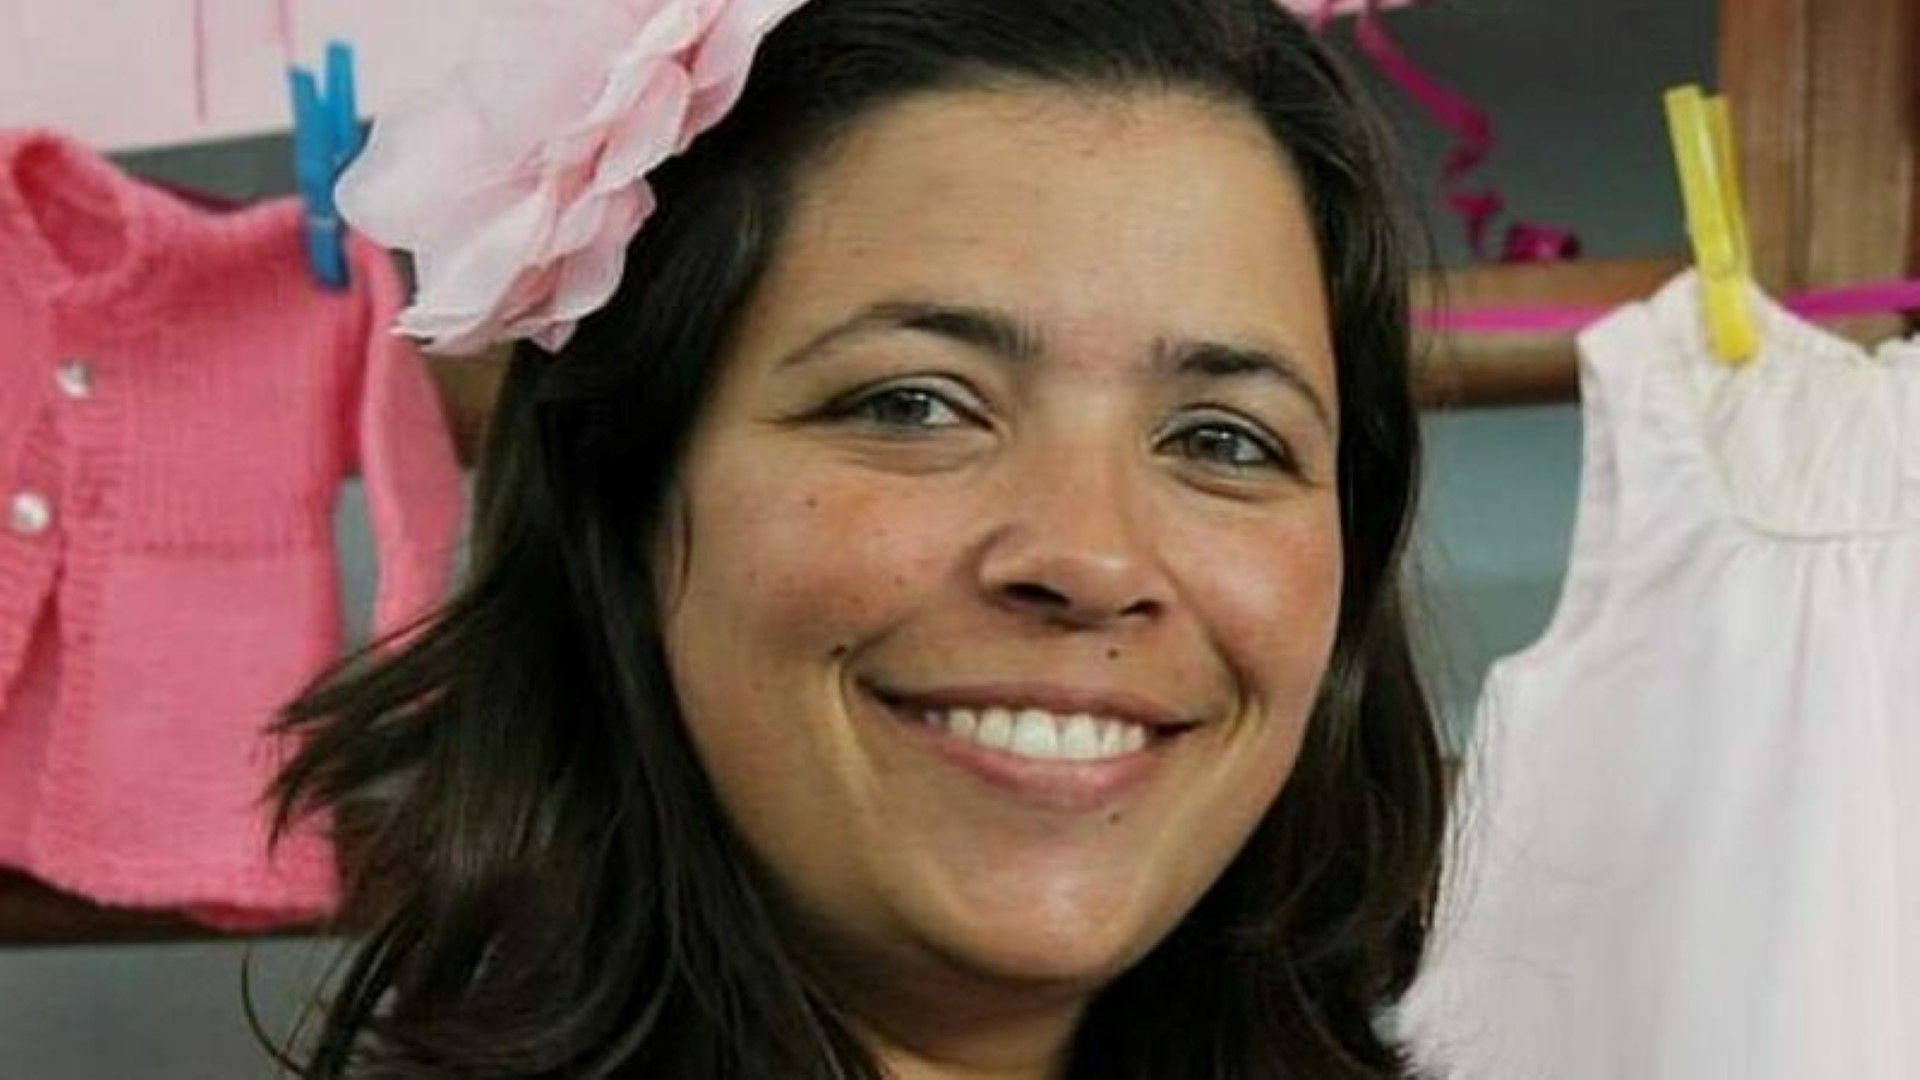 Една от жените, хранили малкия и гладен Кристиано Роналдо, потърси контакт с него